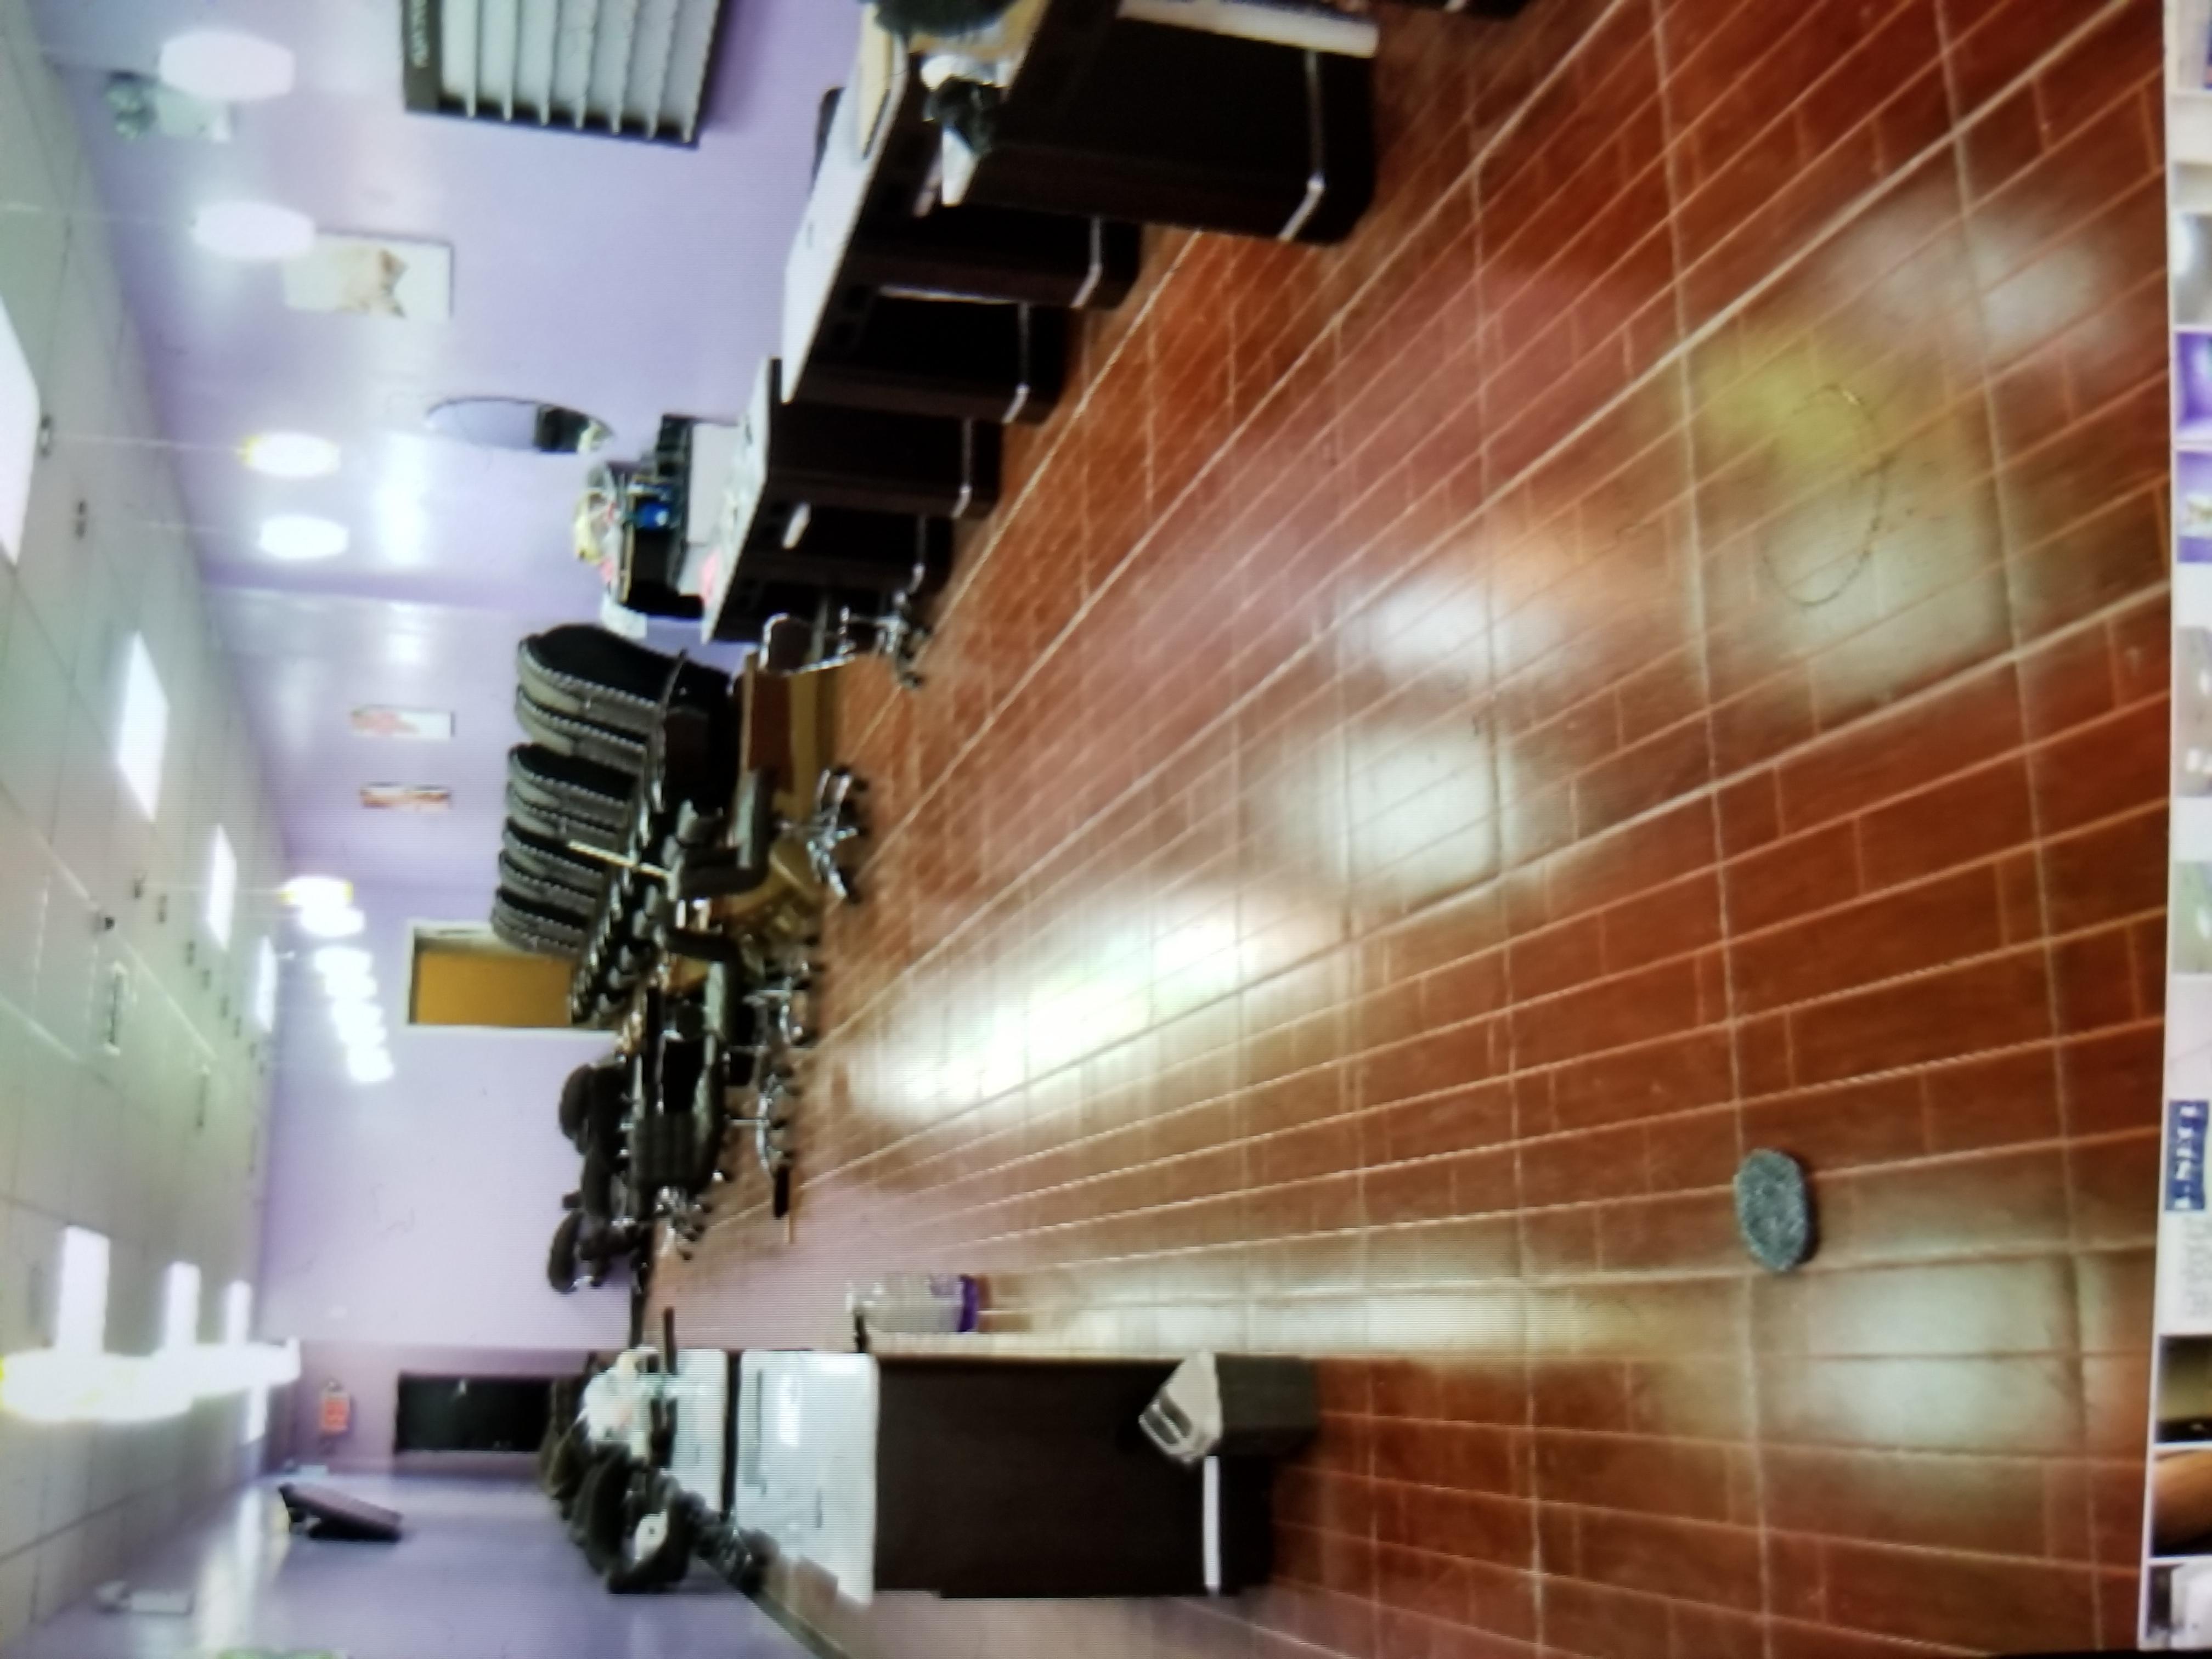 福美装修通下水道修各式家用冰箱维修暖器炉/热水炉9175176811